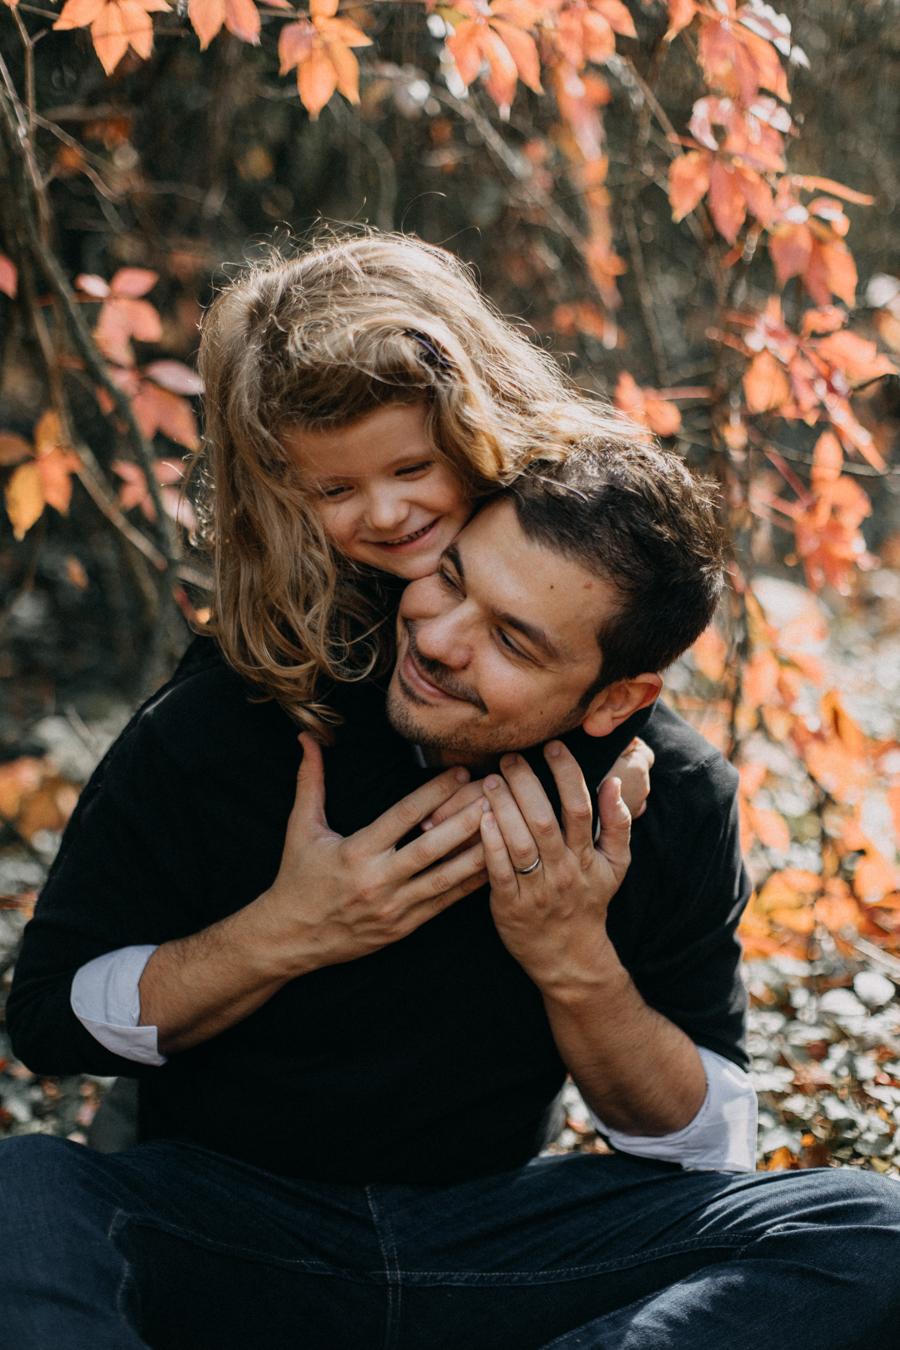 photographe famille seance photo lifestyle lyon automne fall lumiere rouge orange bebe-12